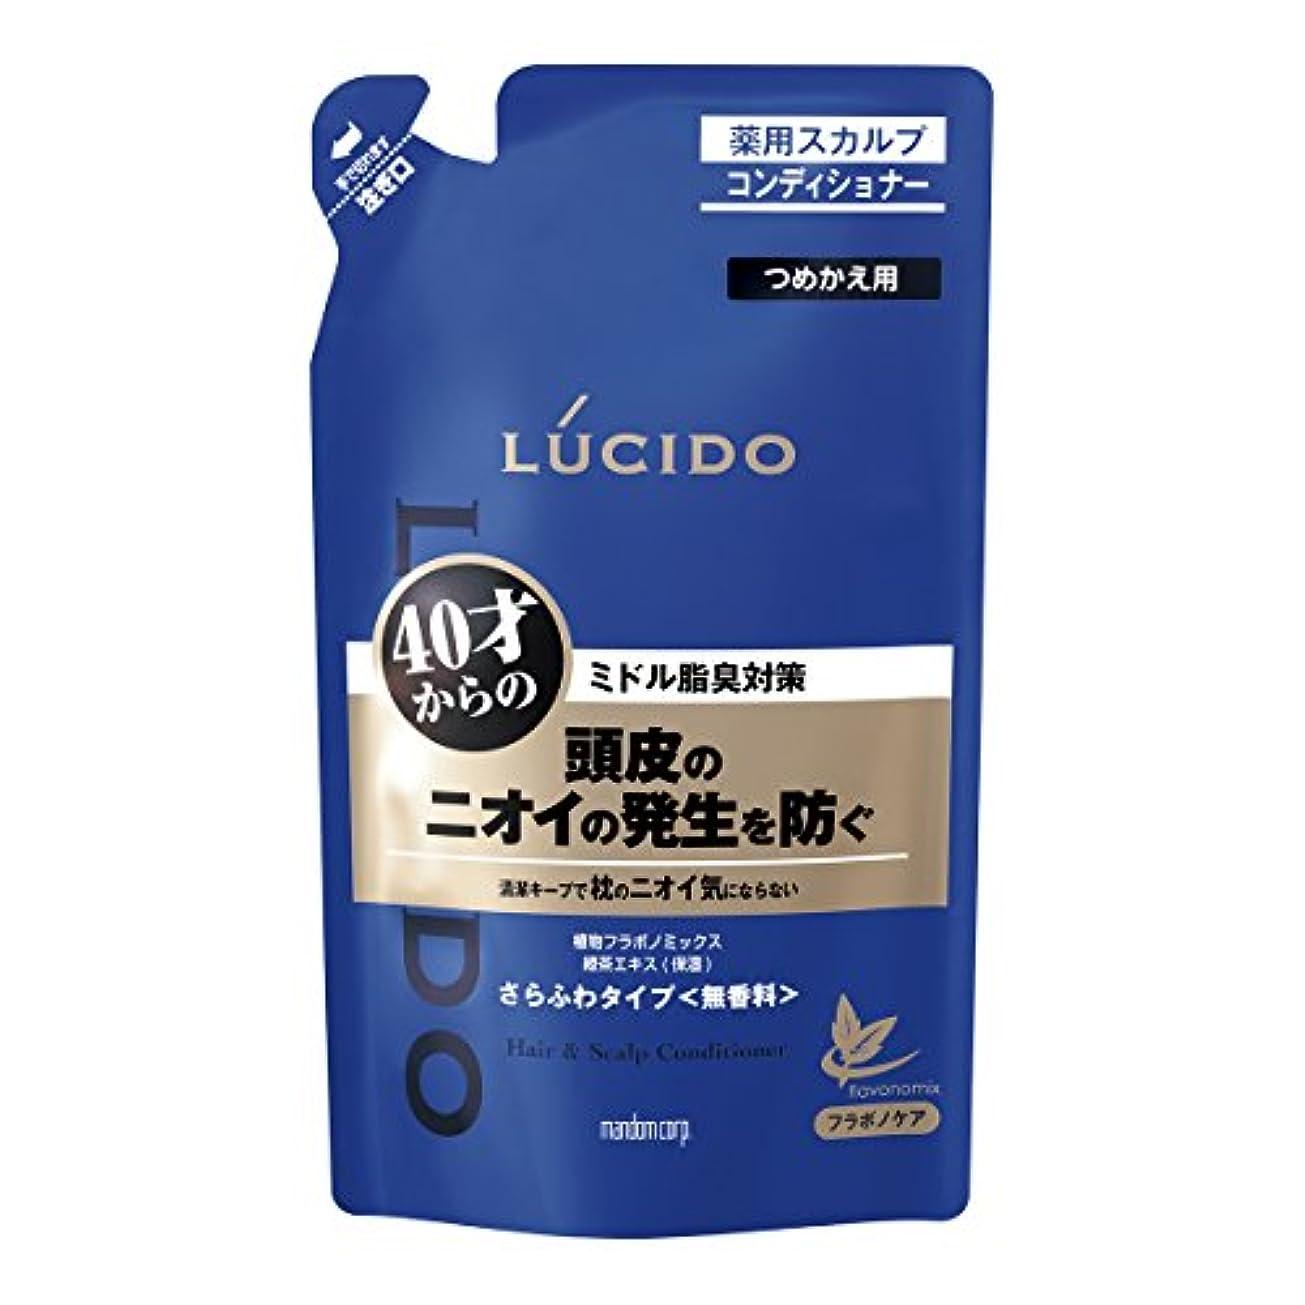 訴える小学生注目すべきルシード 薬用ヘア&スカルプコンディショナー つめかえ用 380g(医薬部外品)